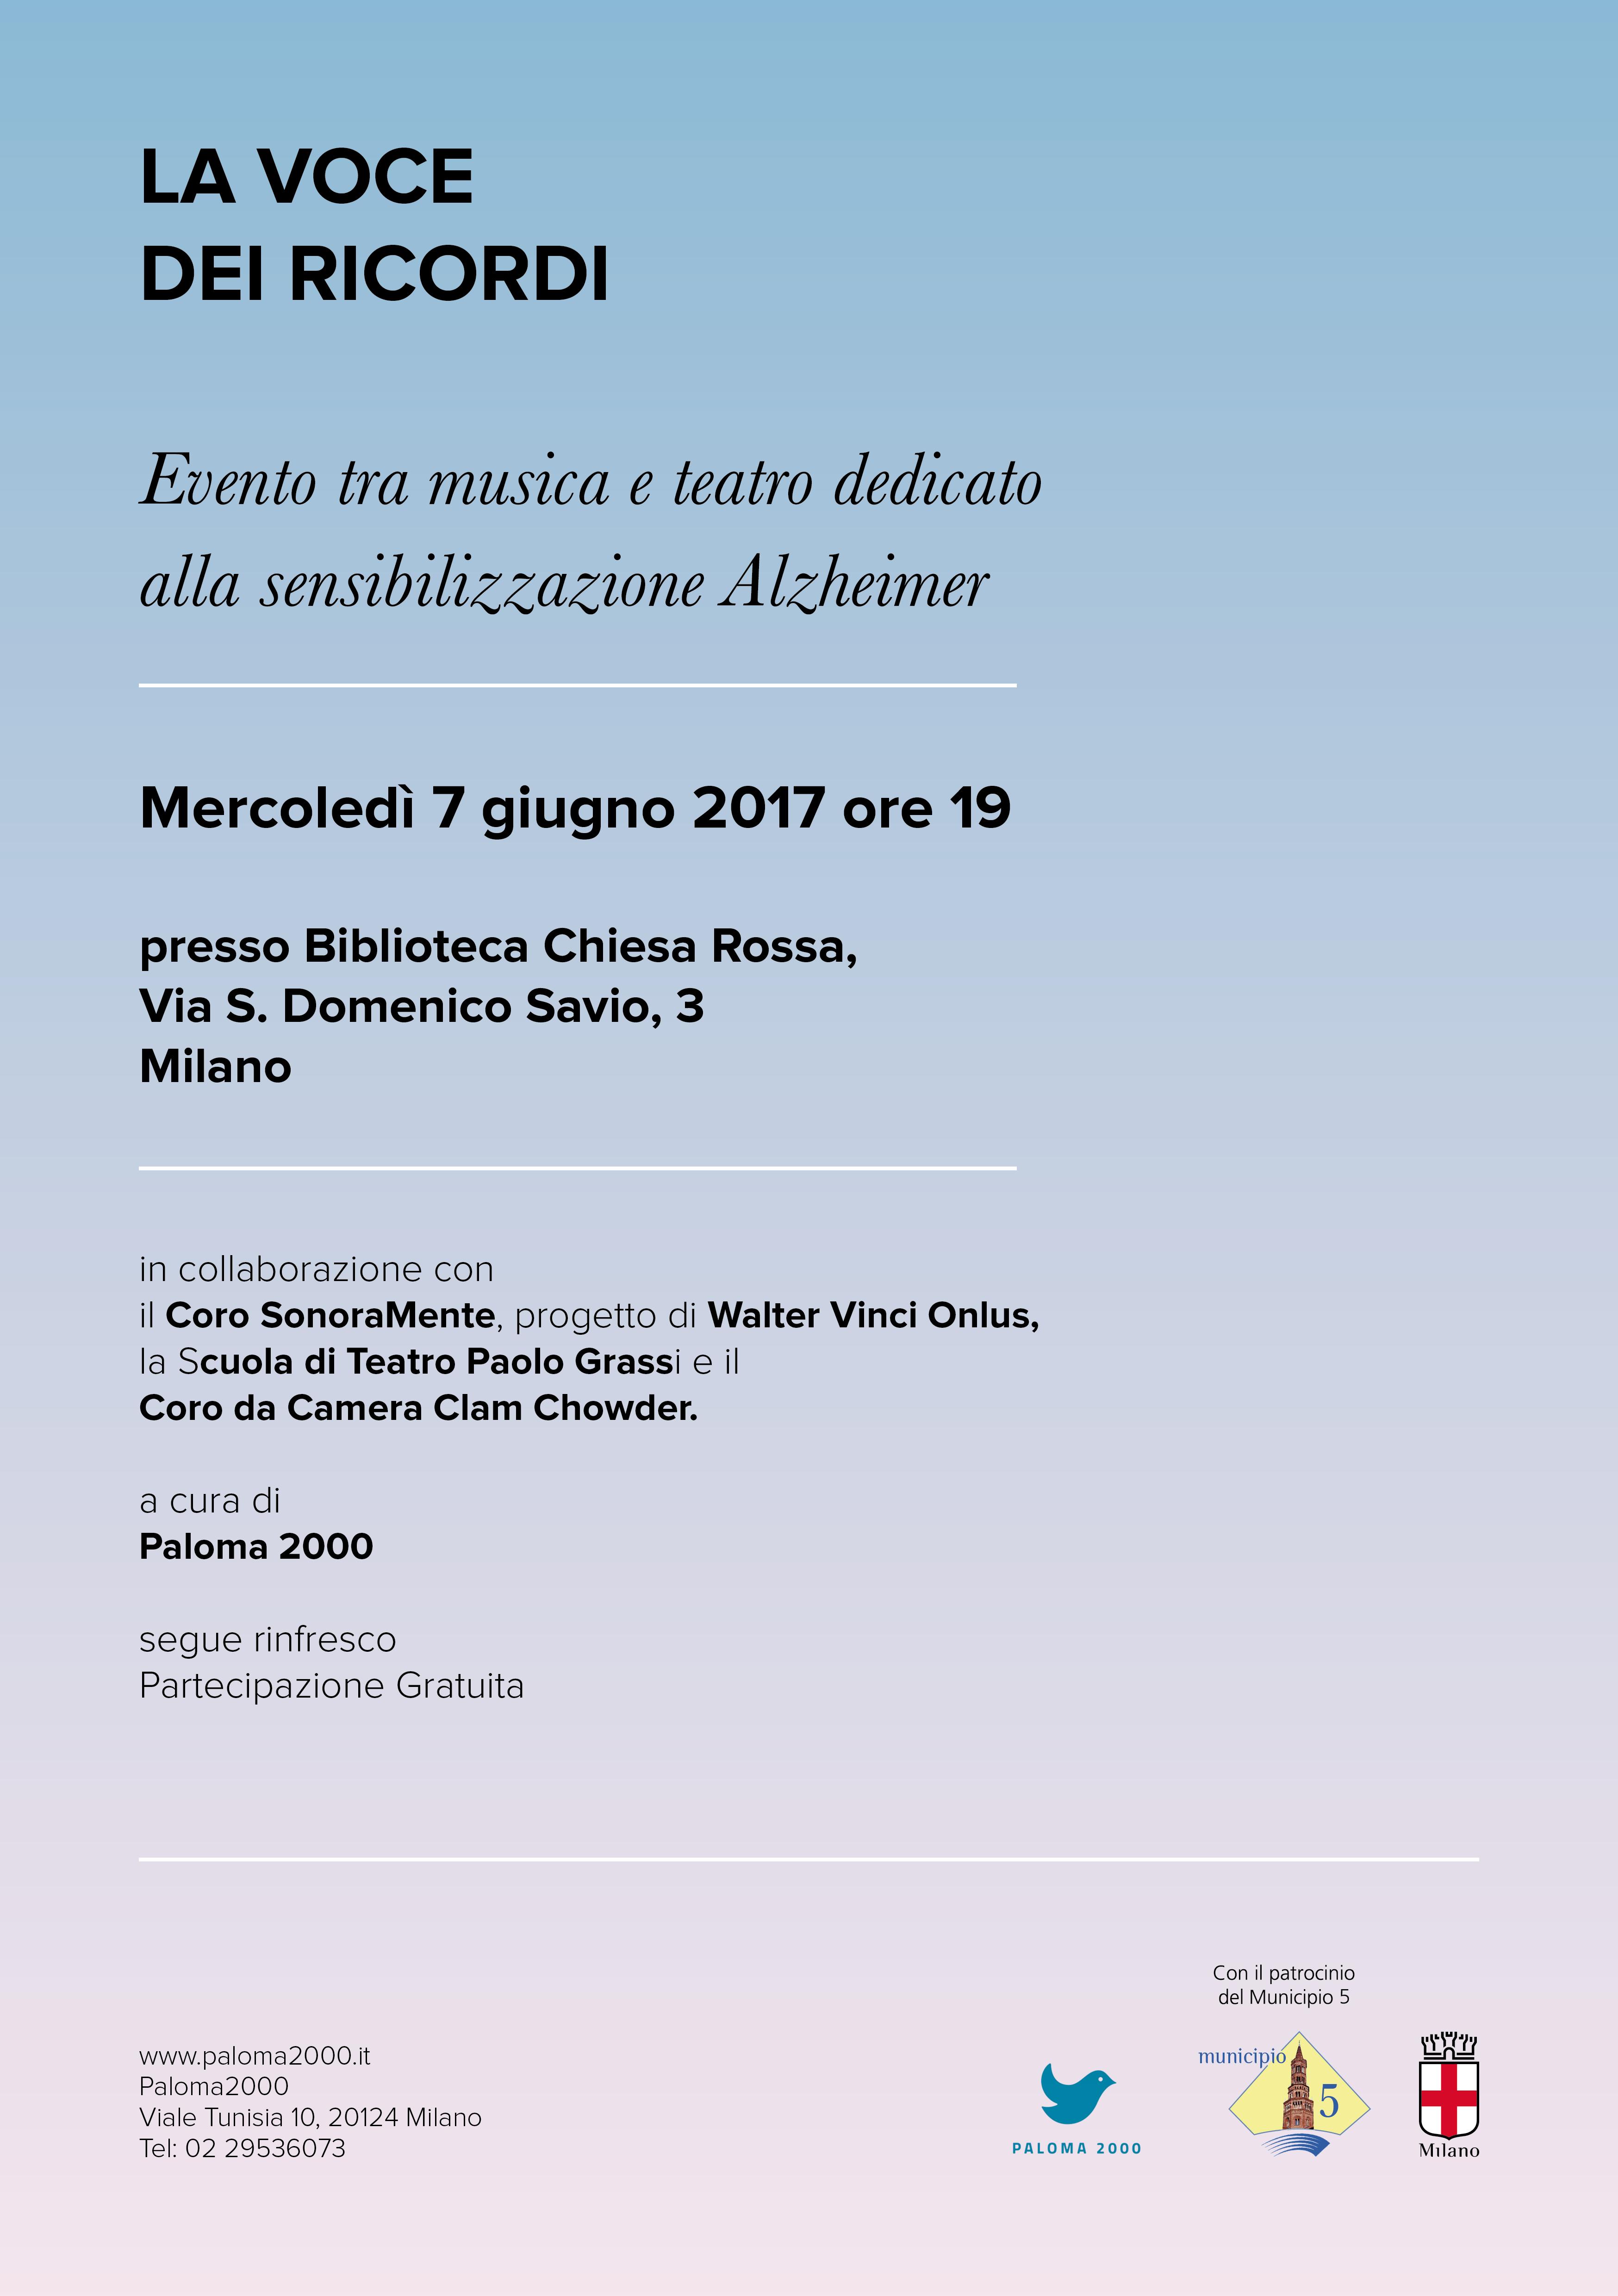 Invito_LaVocedeiricordi_evento